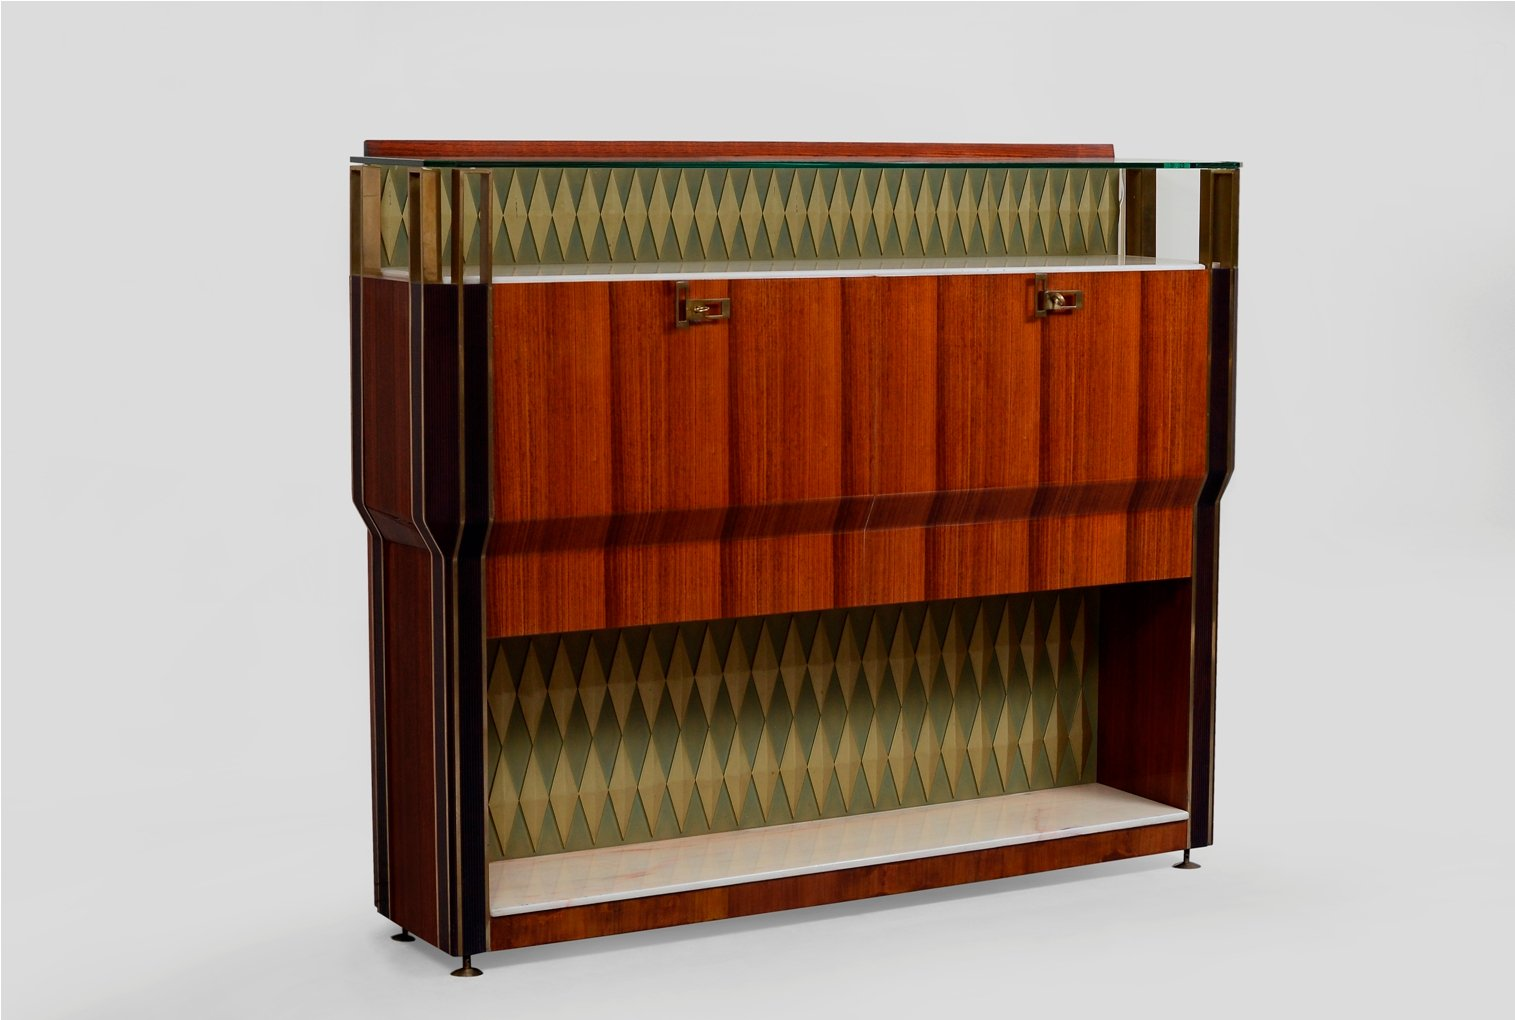 Vintage Bar Cabinet By Vittorio Dassi For Consorzio Esposizione Mobili Cantù